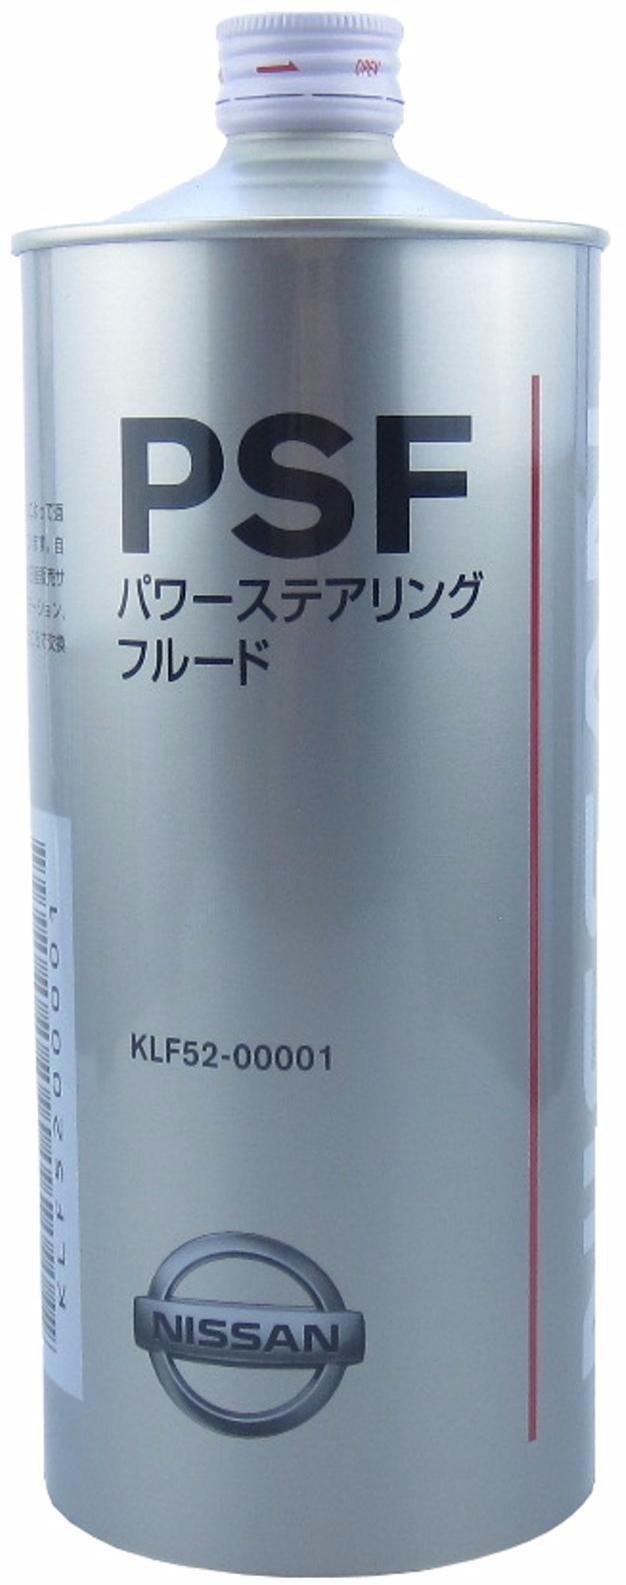 Жидкость для гидроусилителя руля NISSAN PSF 1л